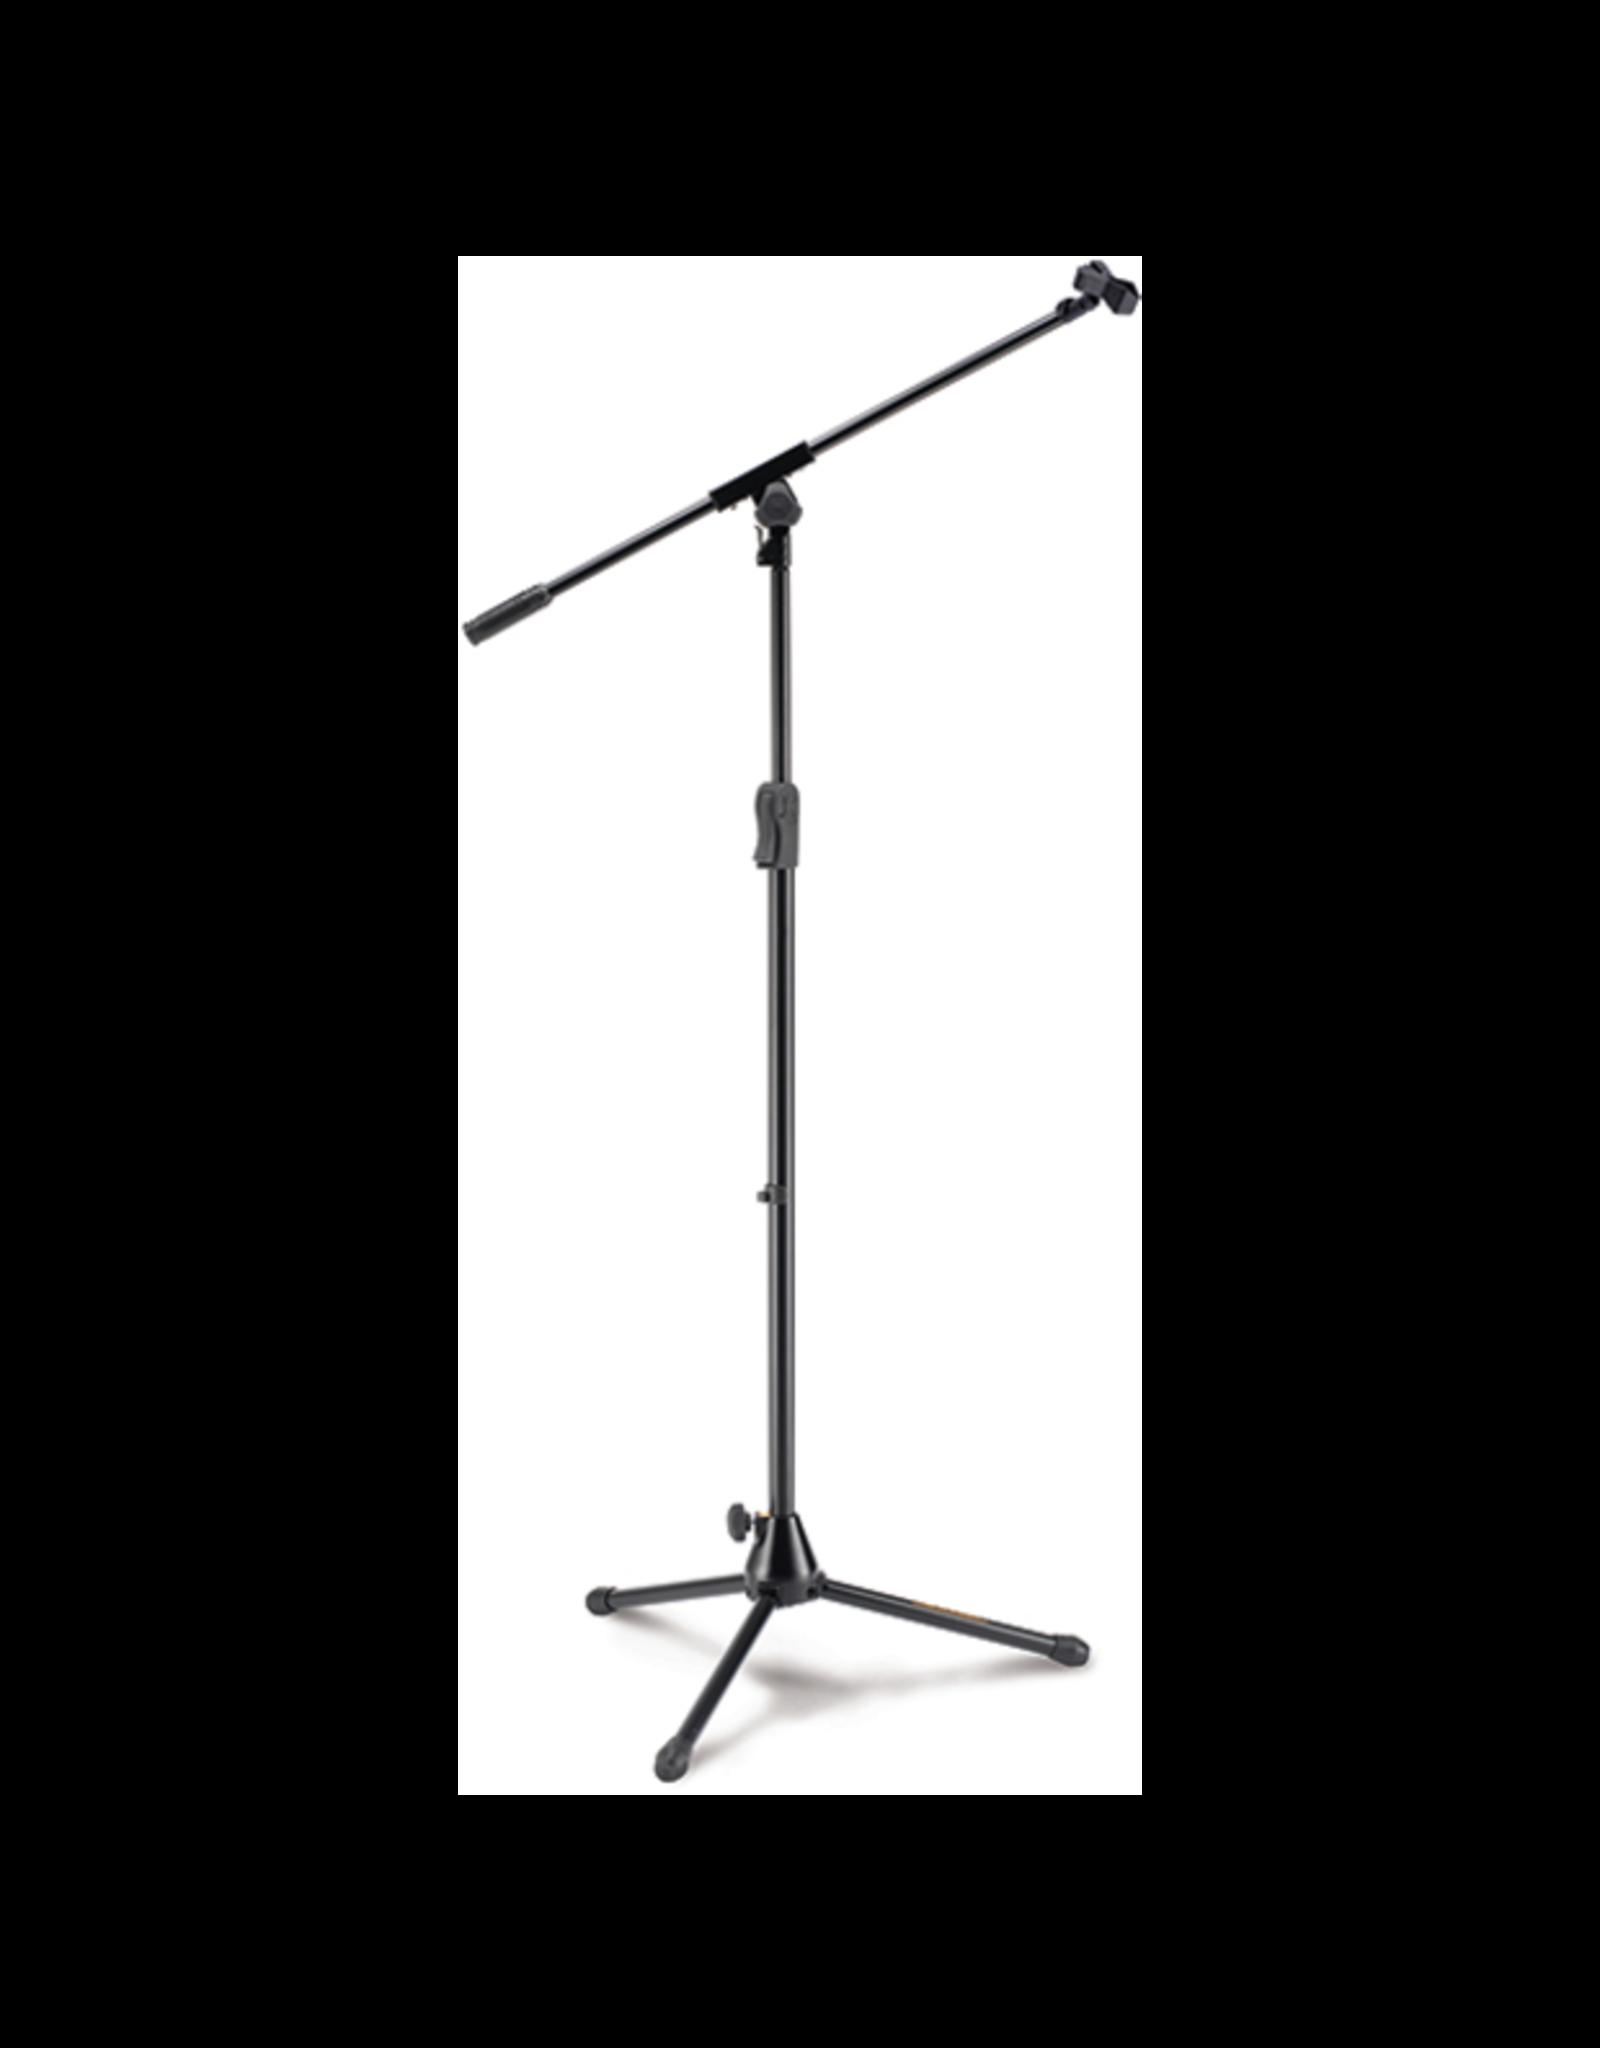 Hercules Hercules MS532B EZ Clutch Tripod Microphone Stand w/2 in 1 Boom